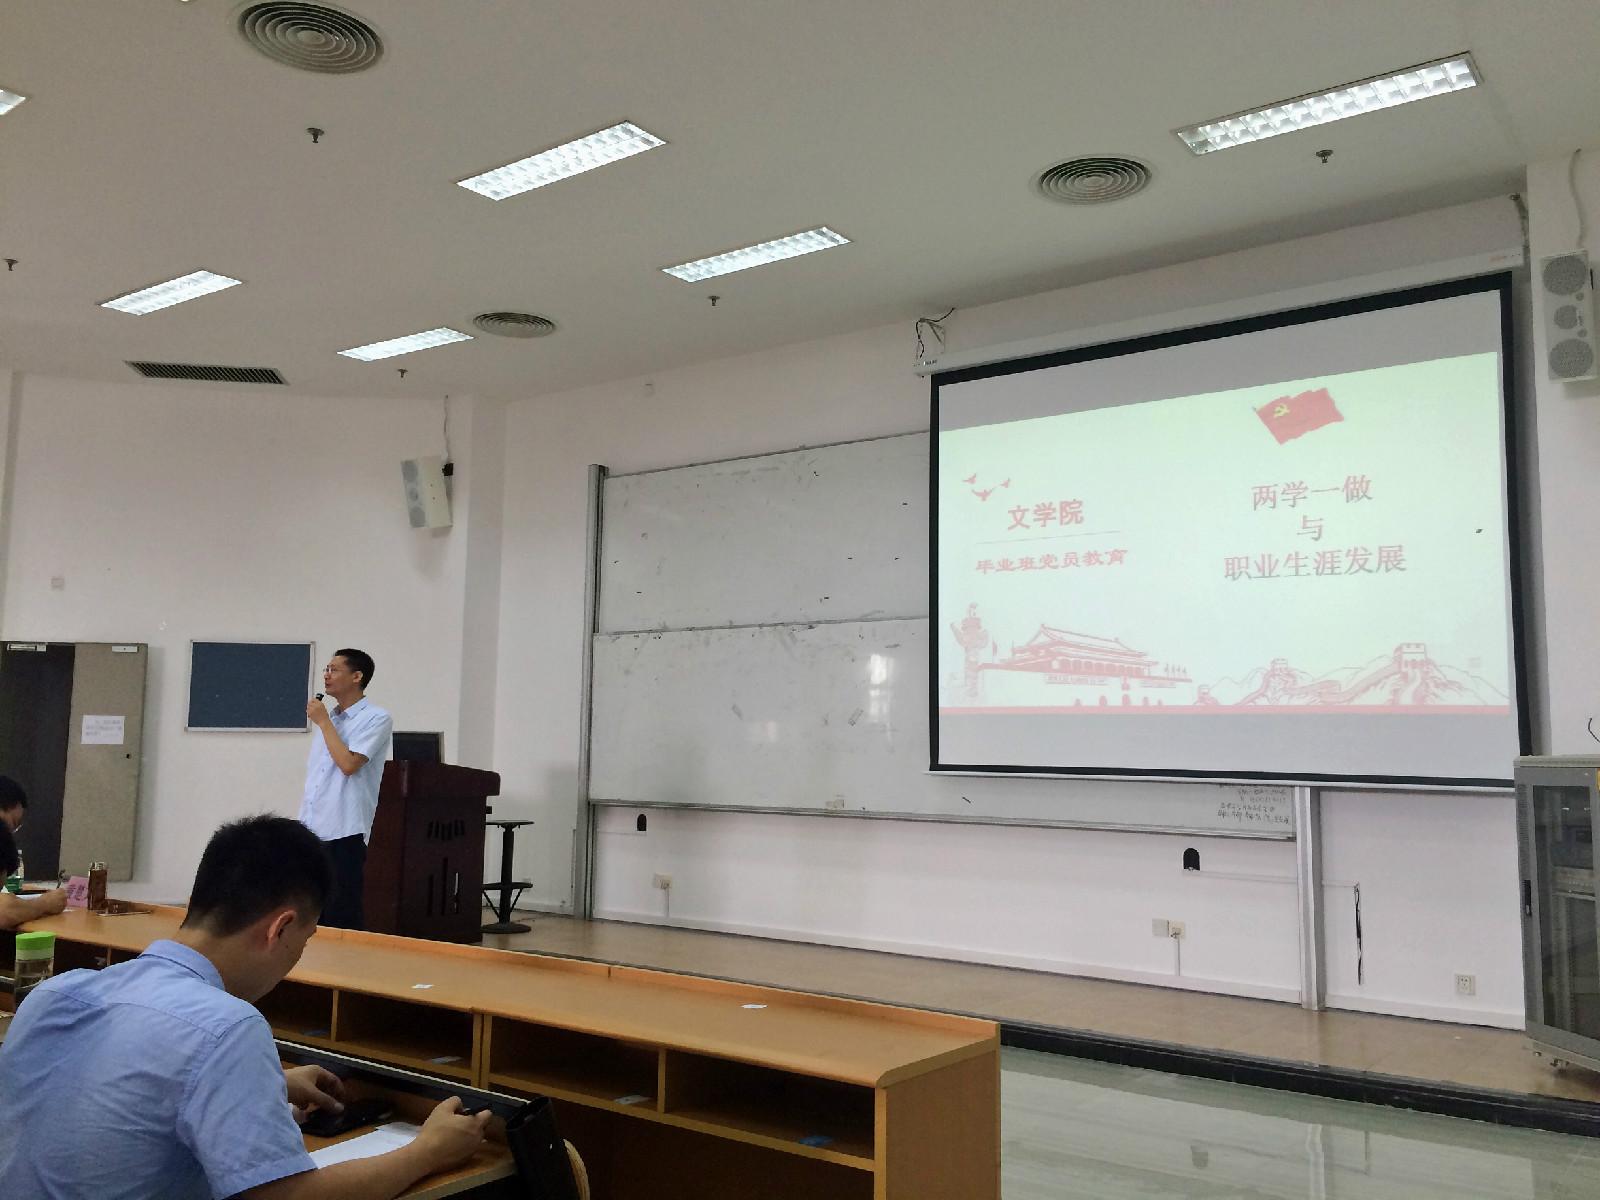 华南师范大学文学院2016届毕业生党员教育活动顺利举行